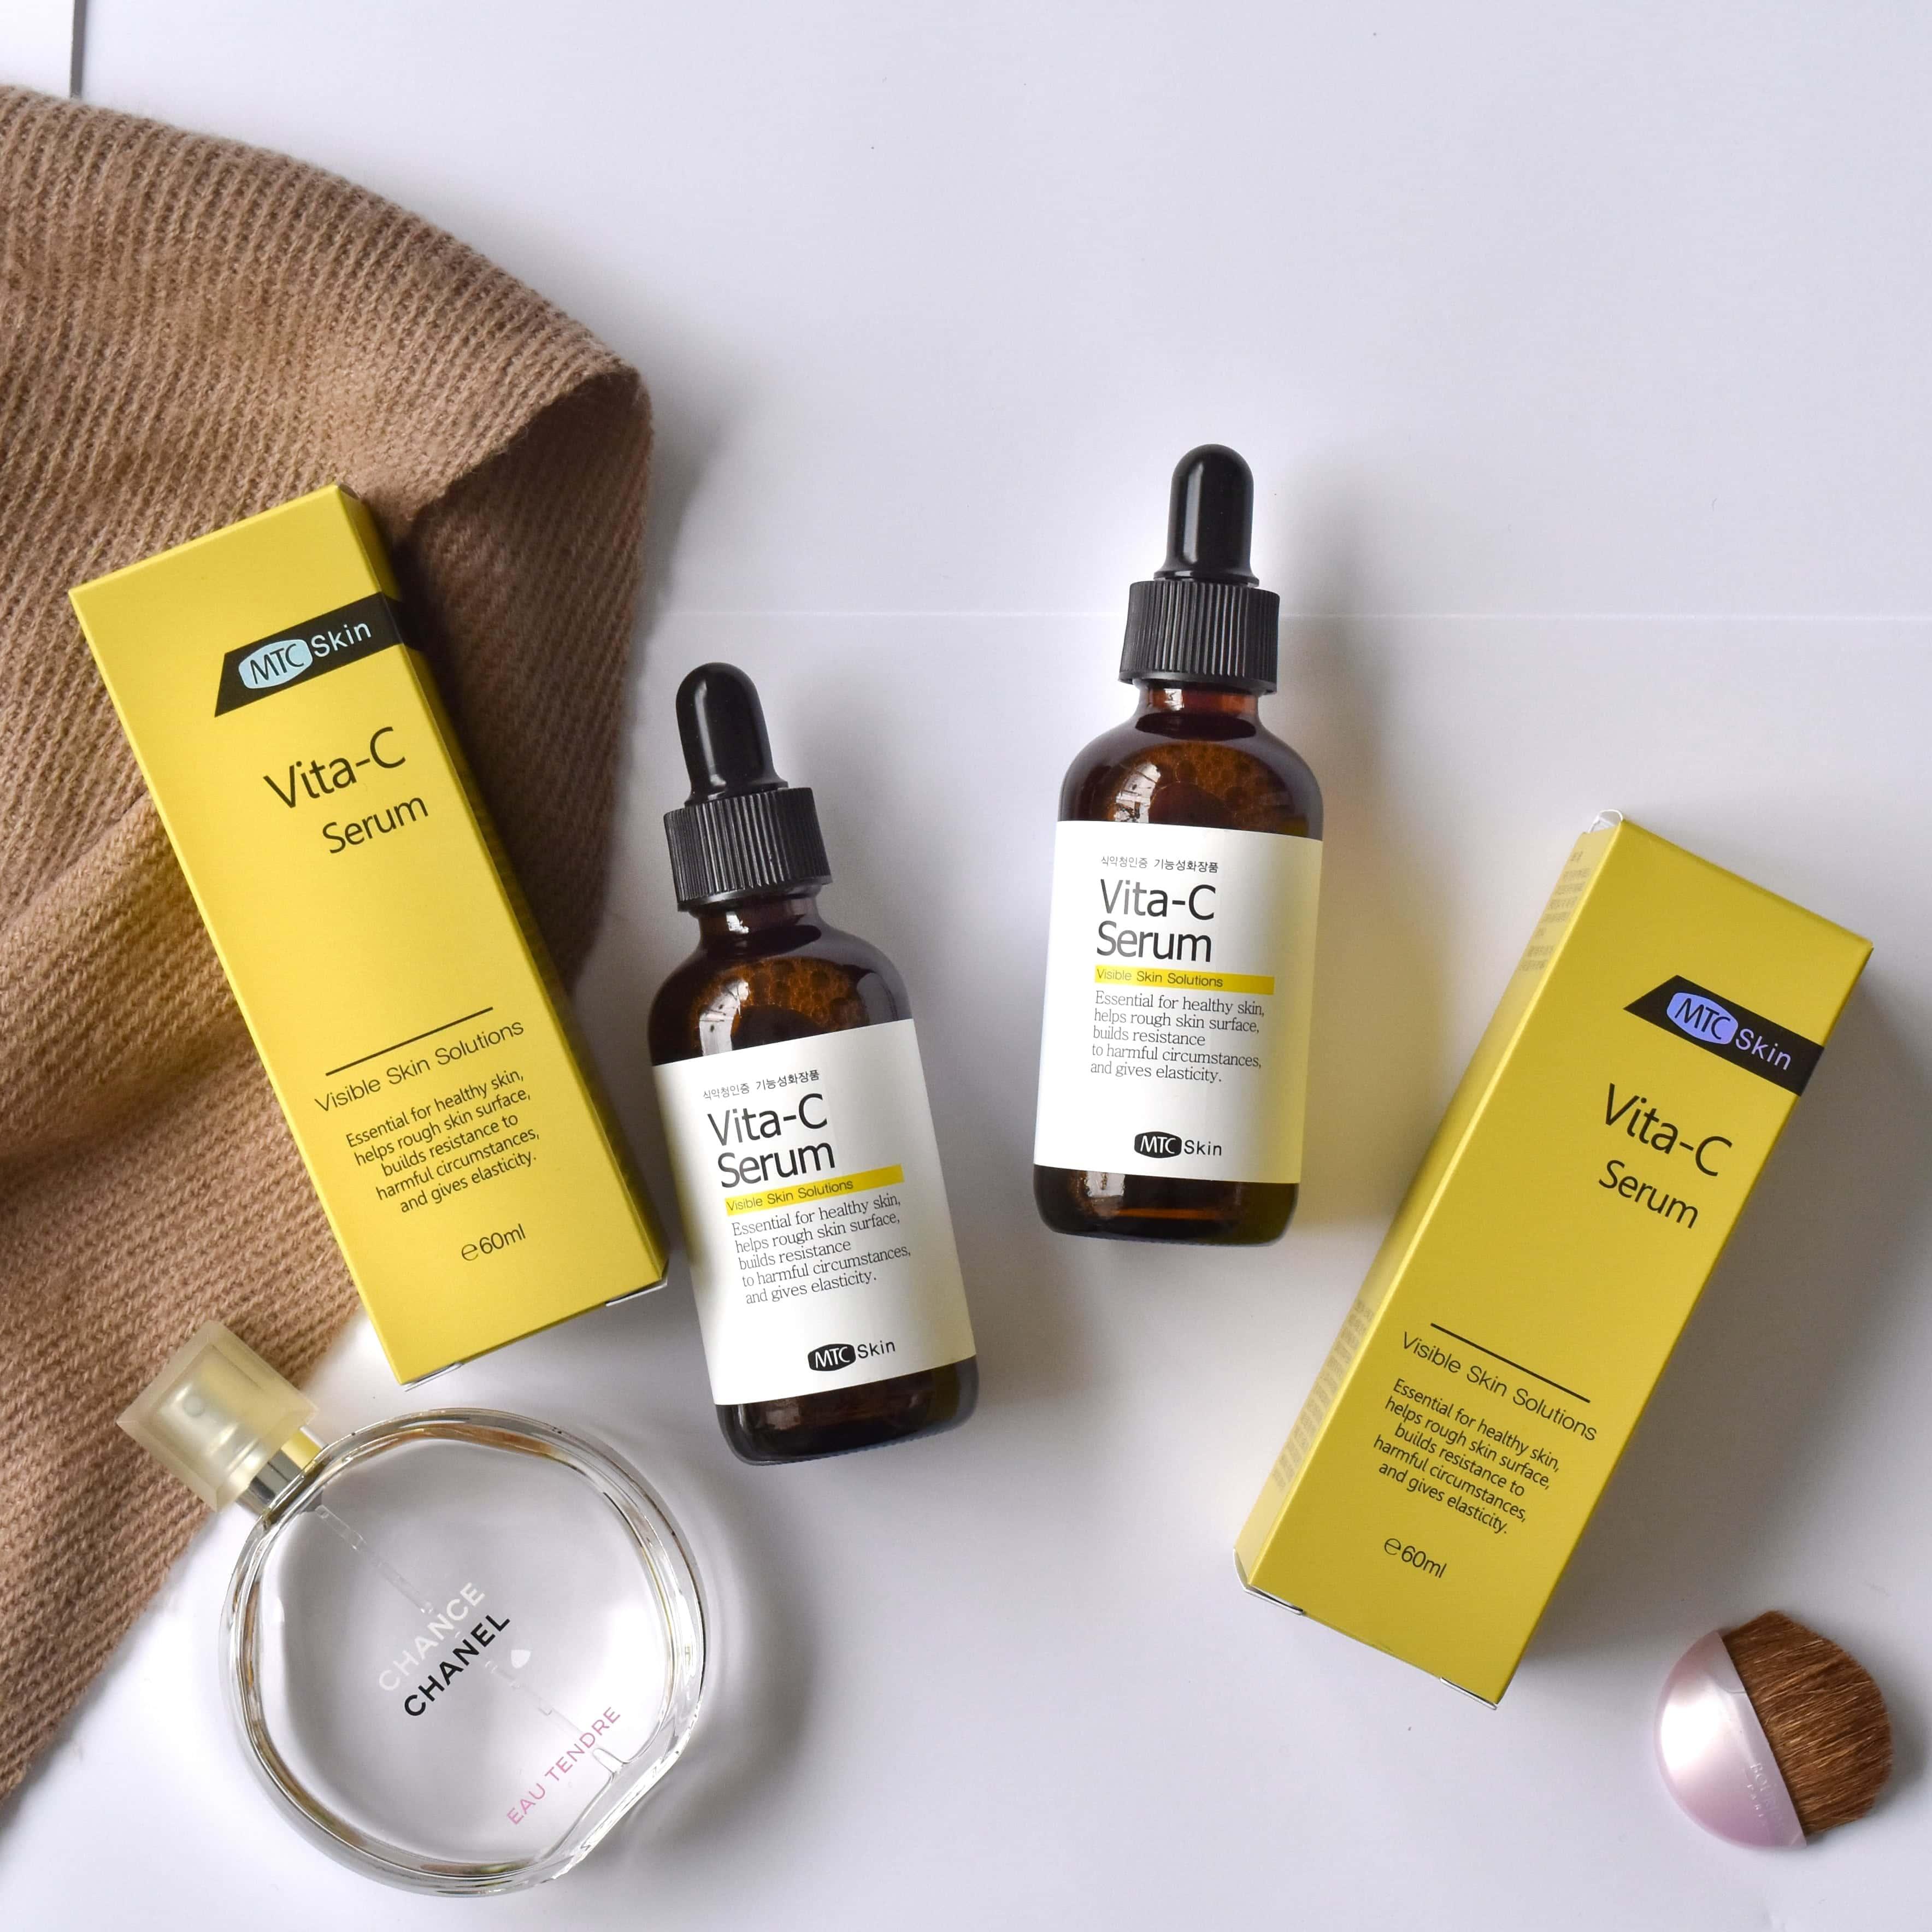 VitaC-Serum dưỡng trắng